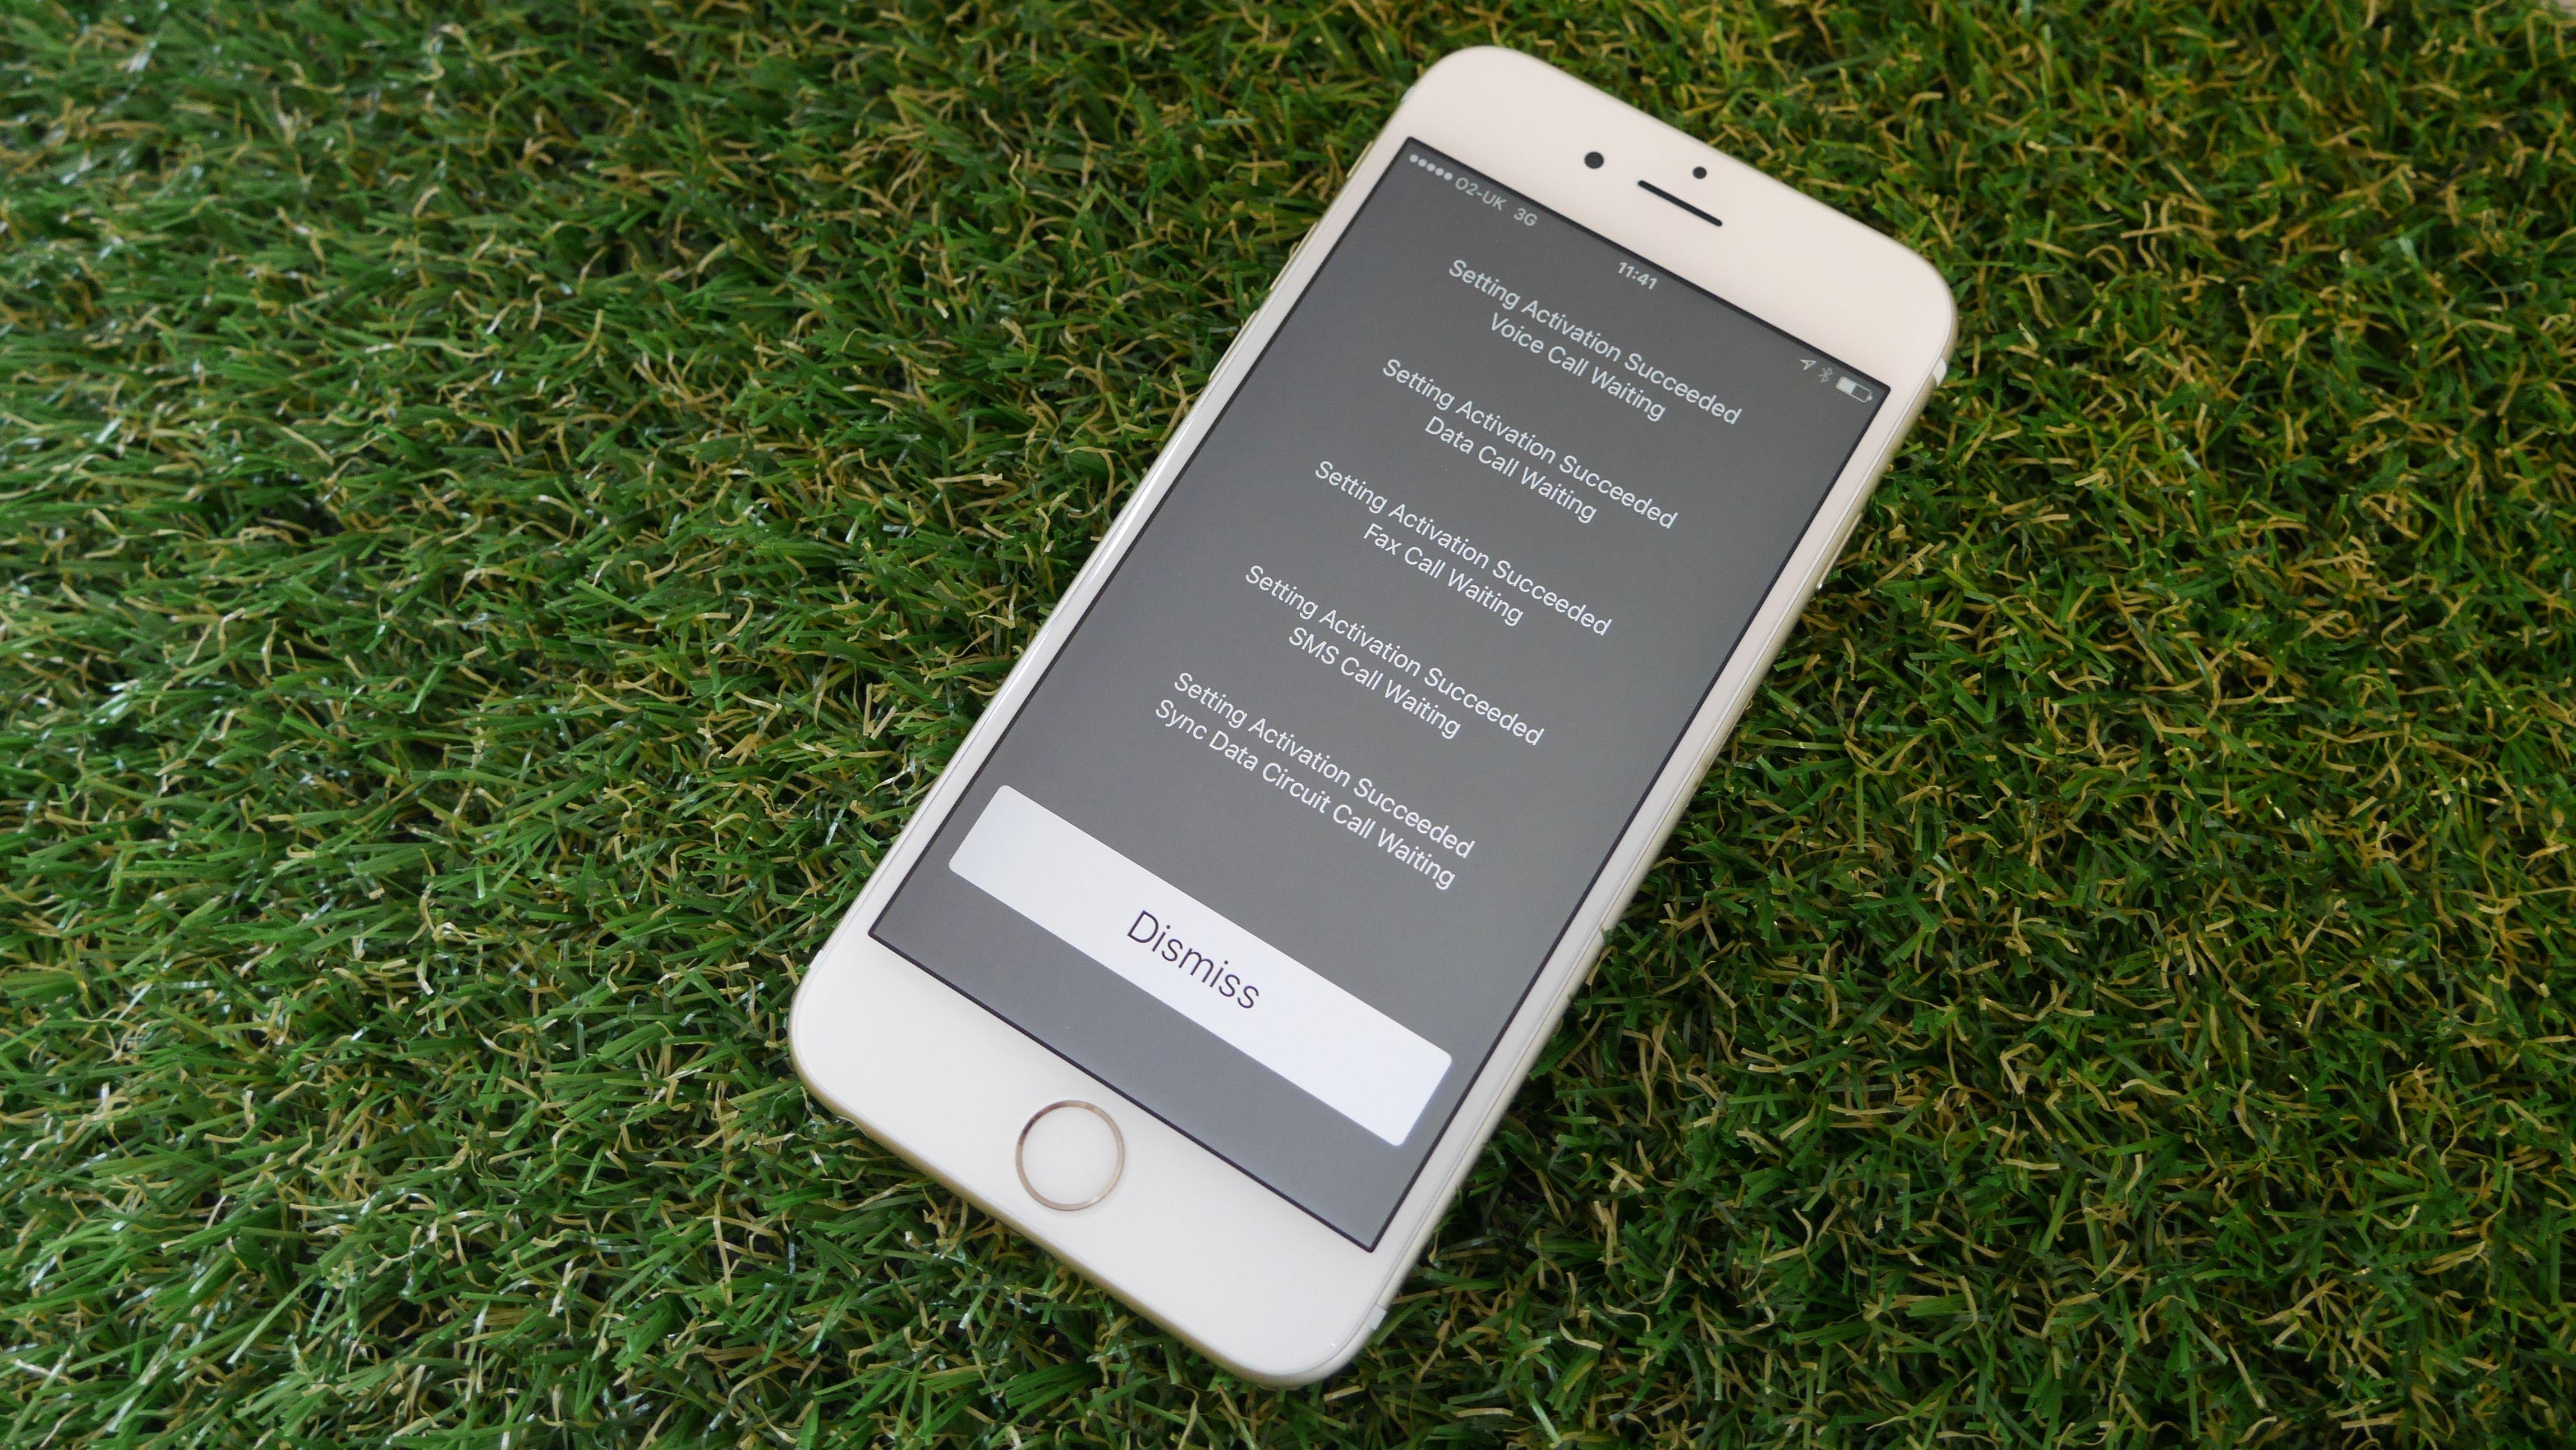 iphone4 spy codes